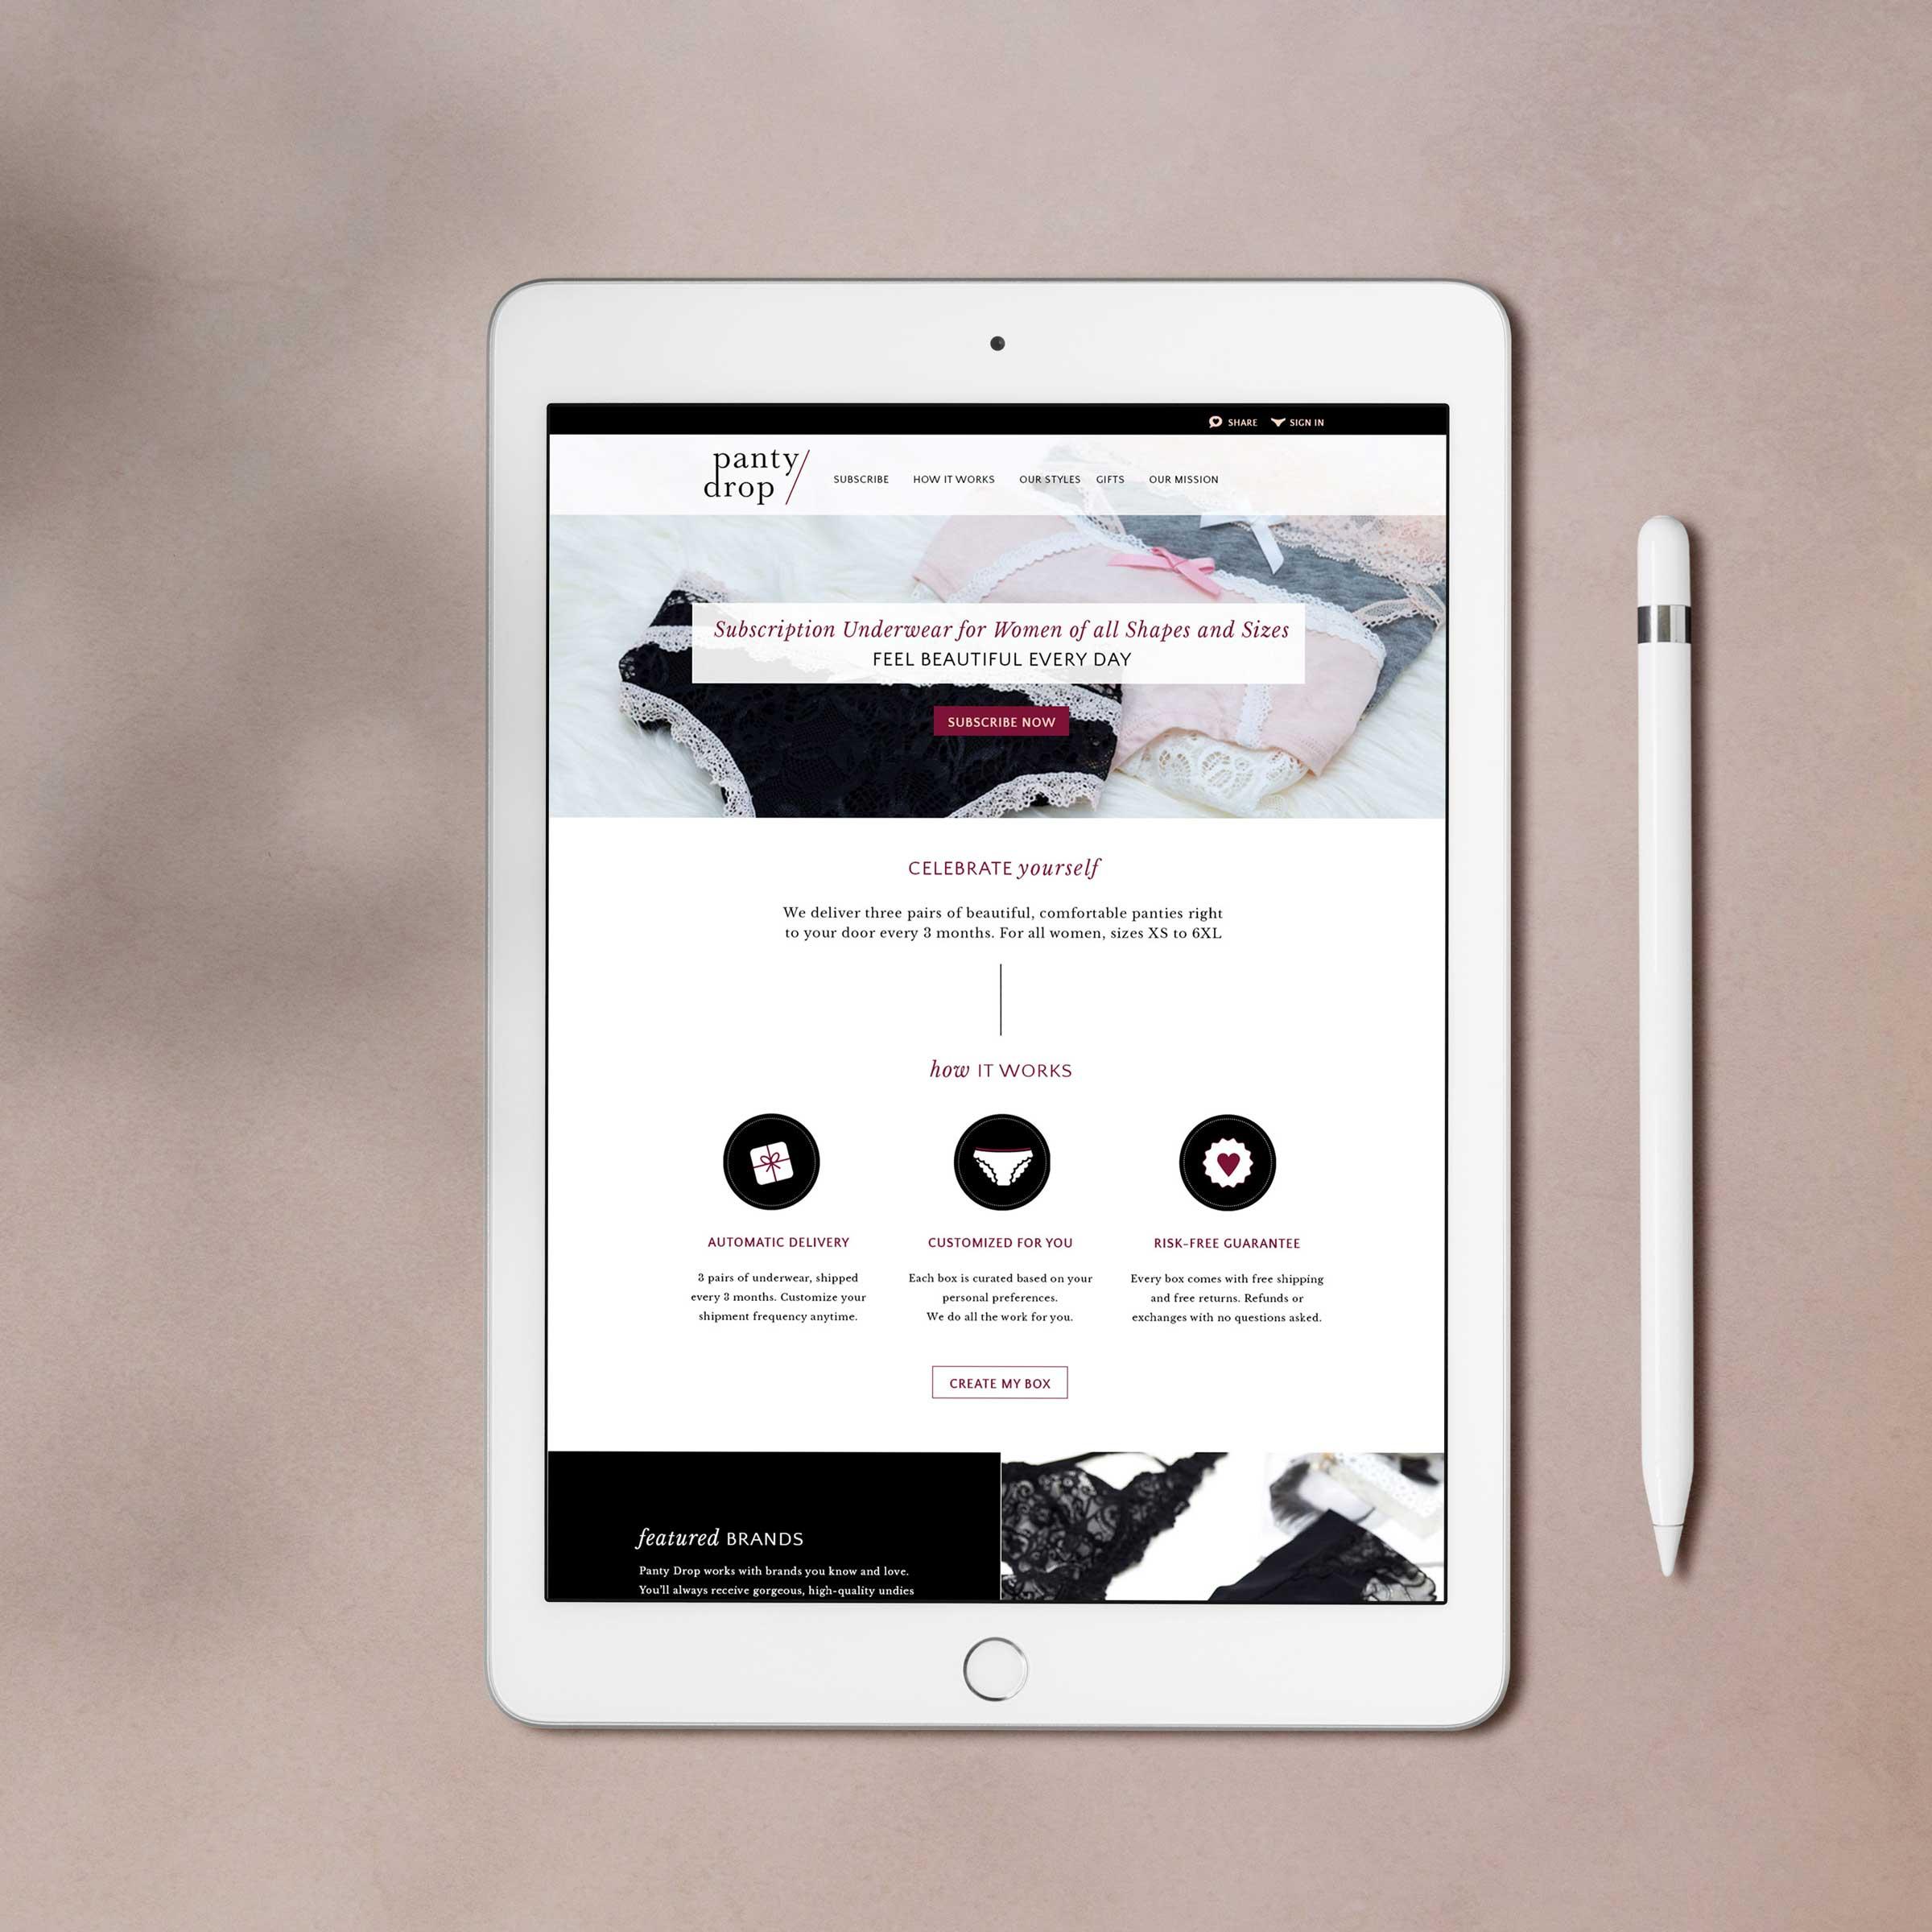 Panty Drop • subscription service site